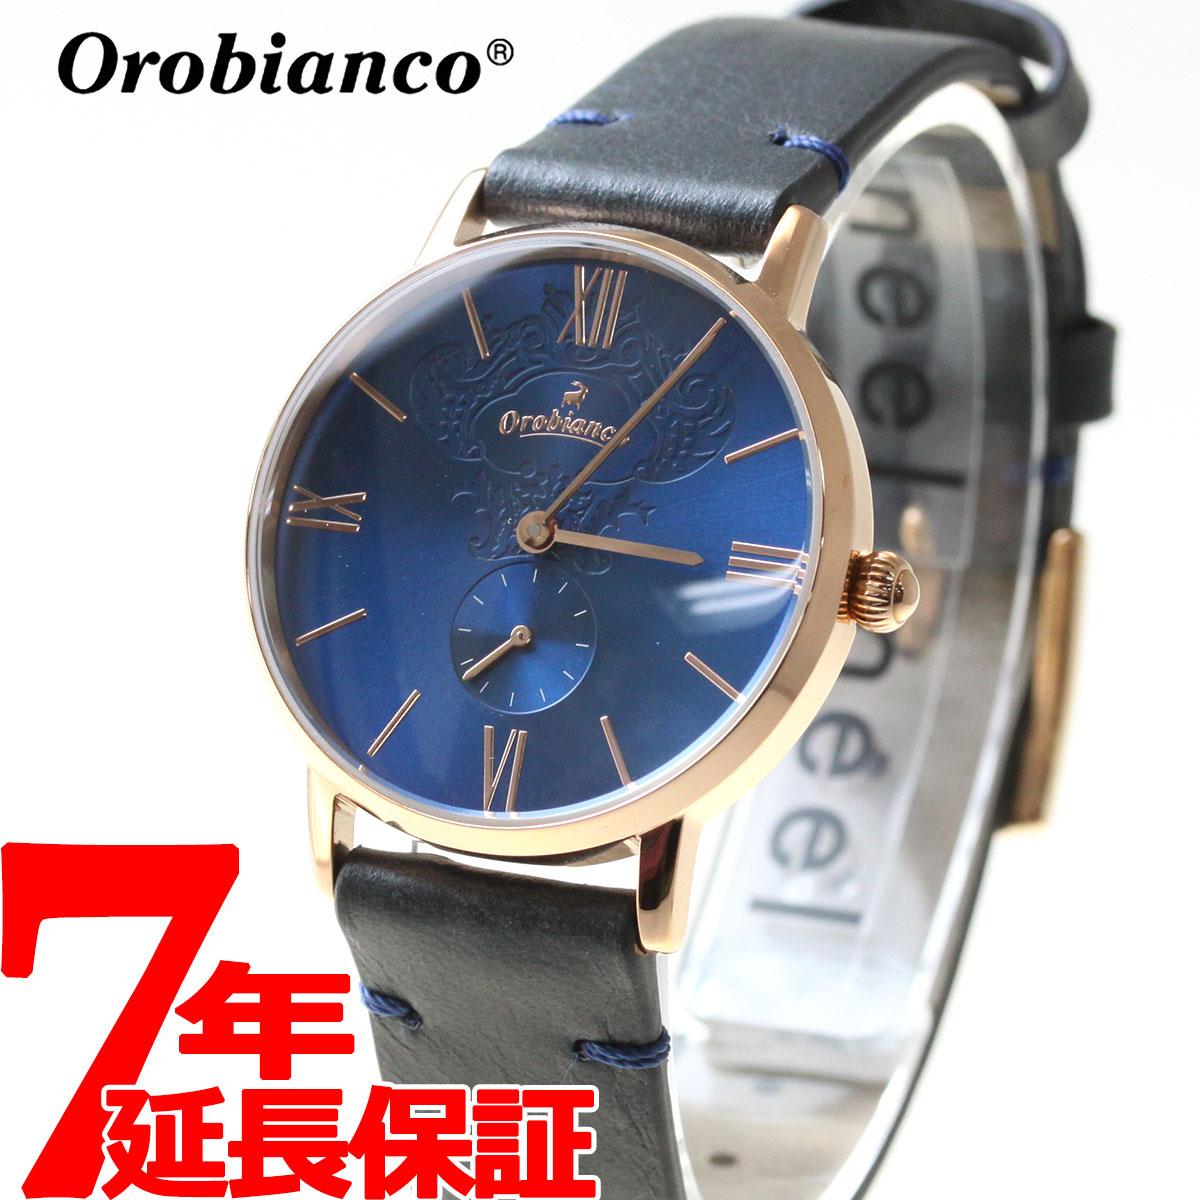 オロビアンコ 時計 レディース Orobianco 腕時計 シンパティア SIMPATIA OR0072-5【2018 新作】